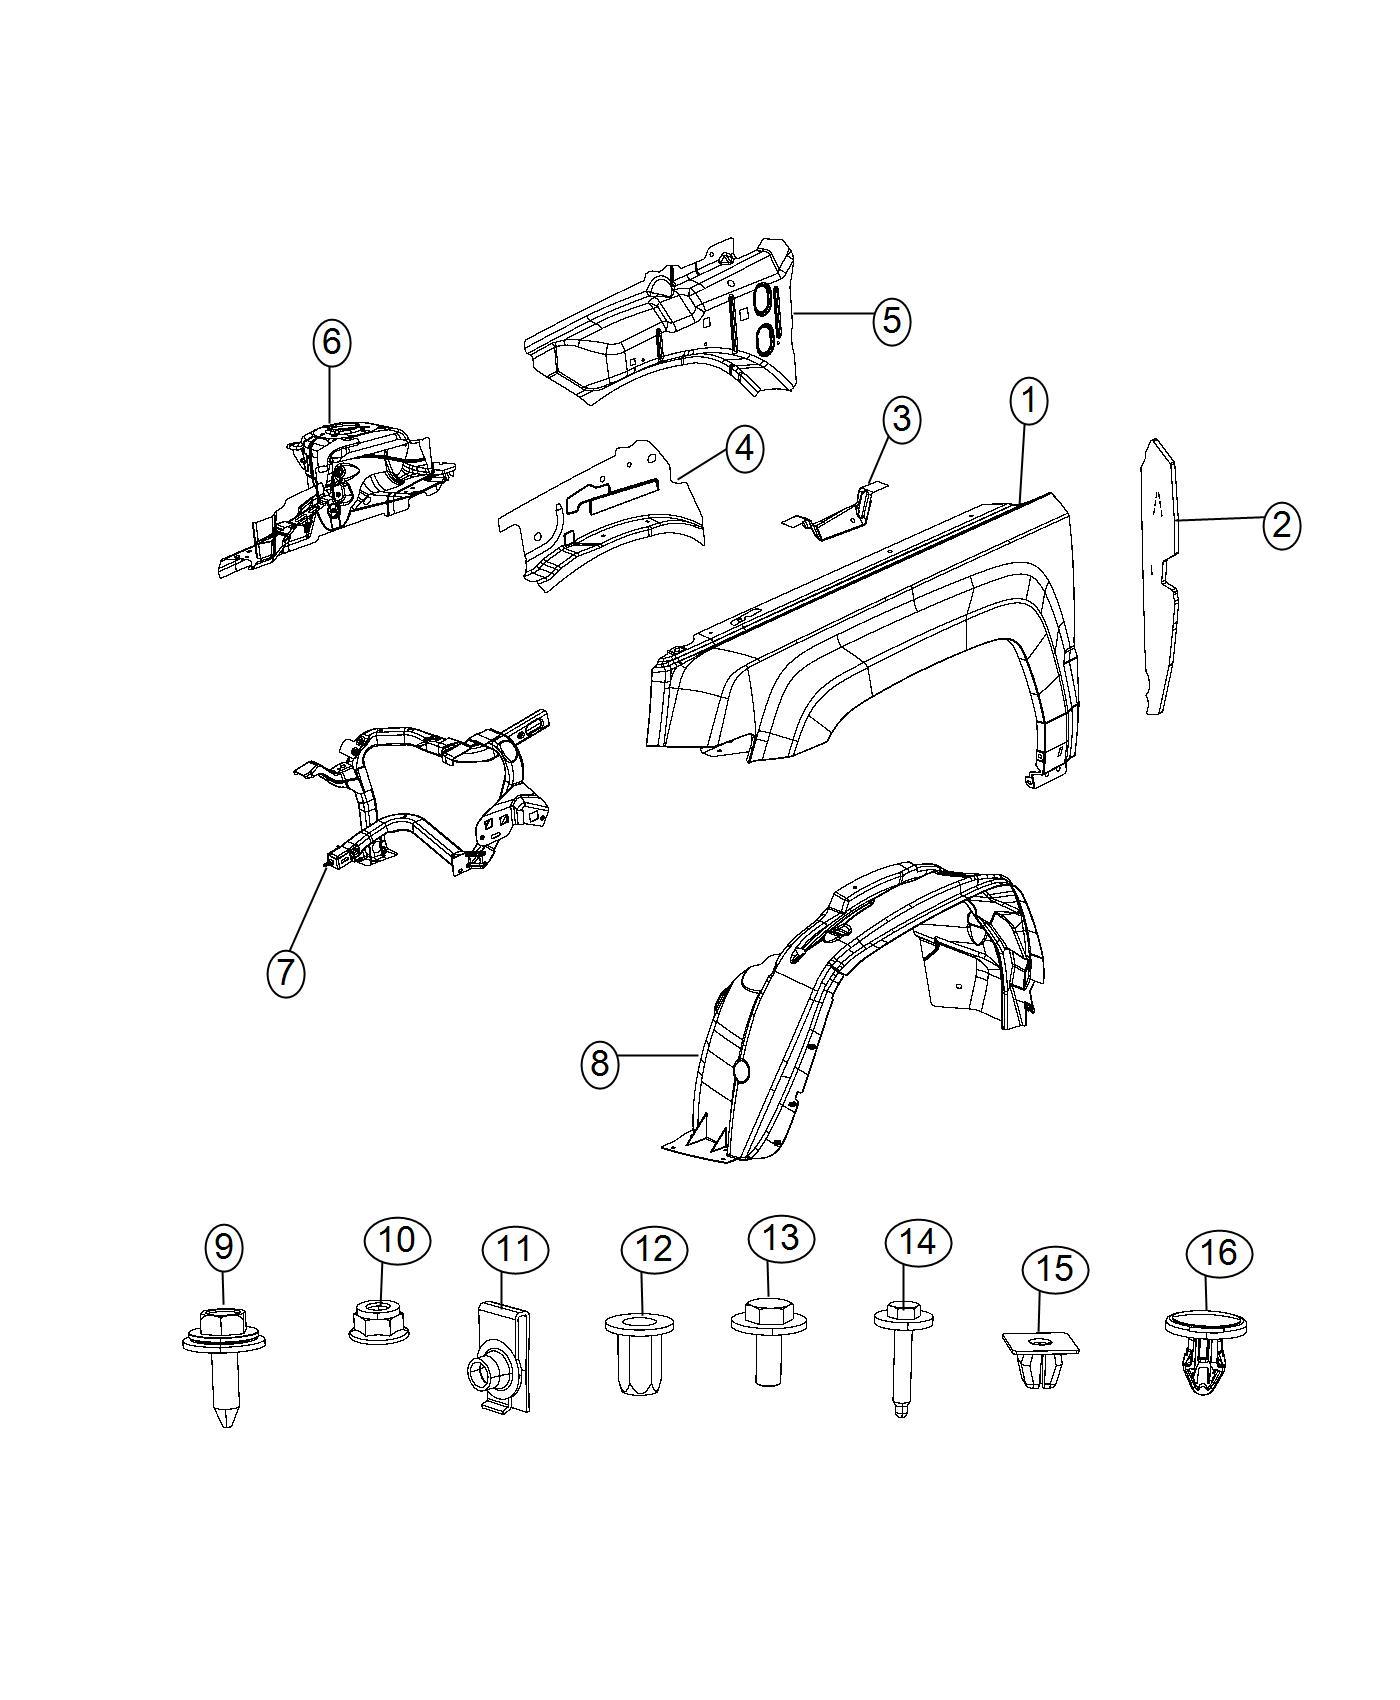 Jeep Patriot Bolt, screw. Hex flange head. M6x1.00x16.00